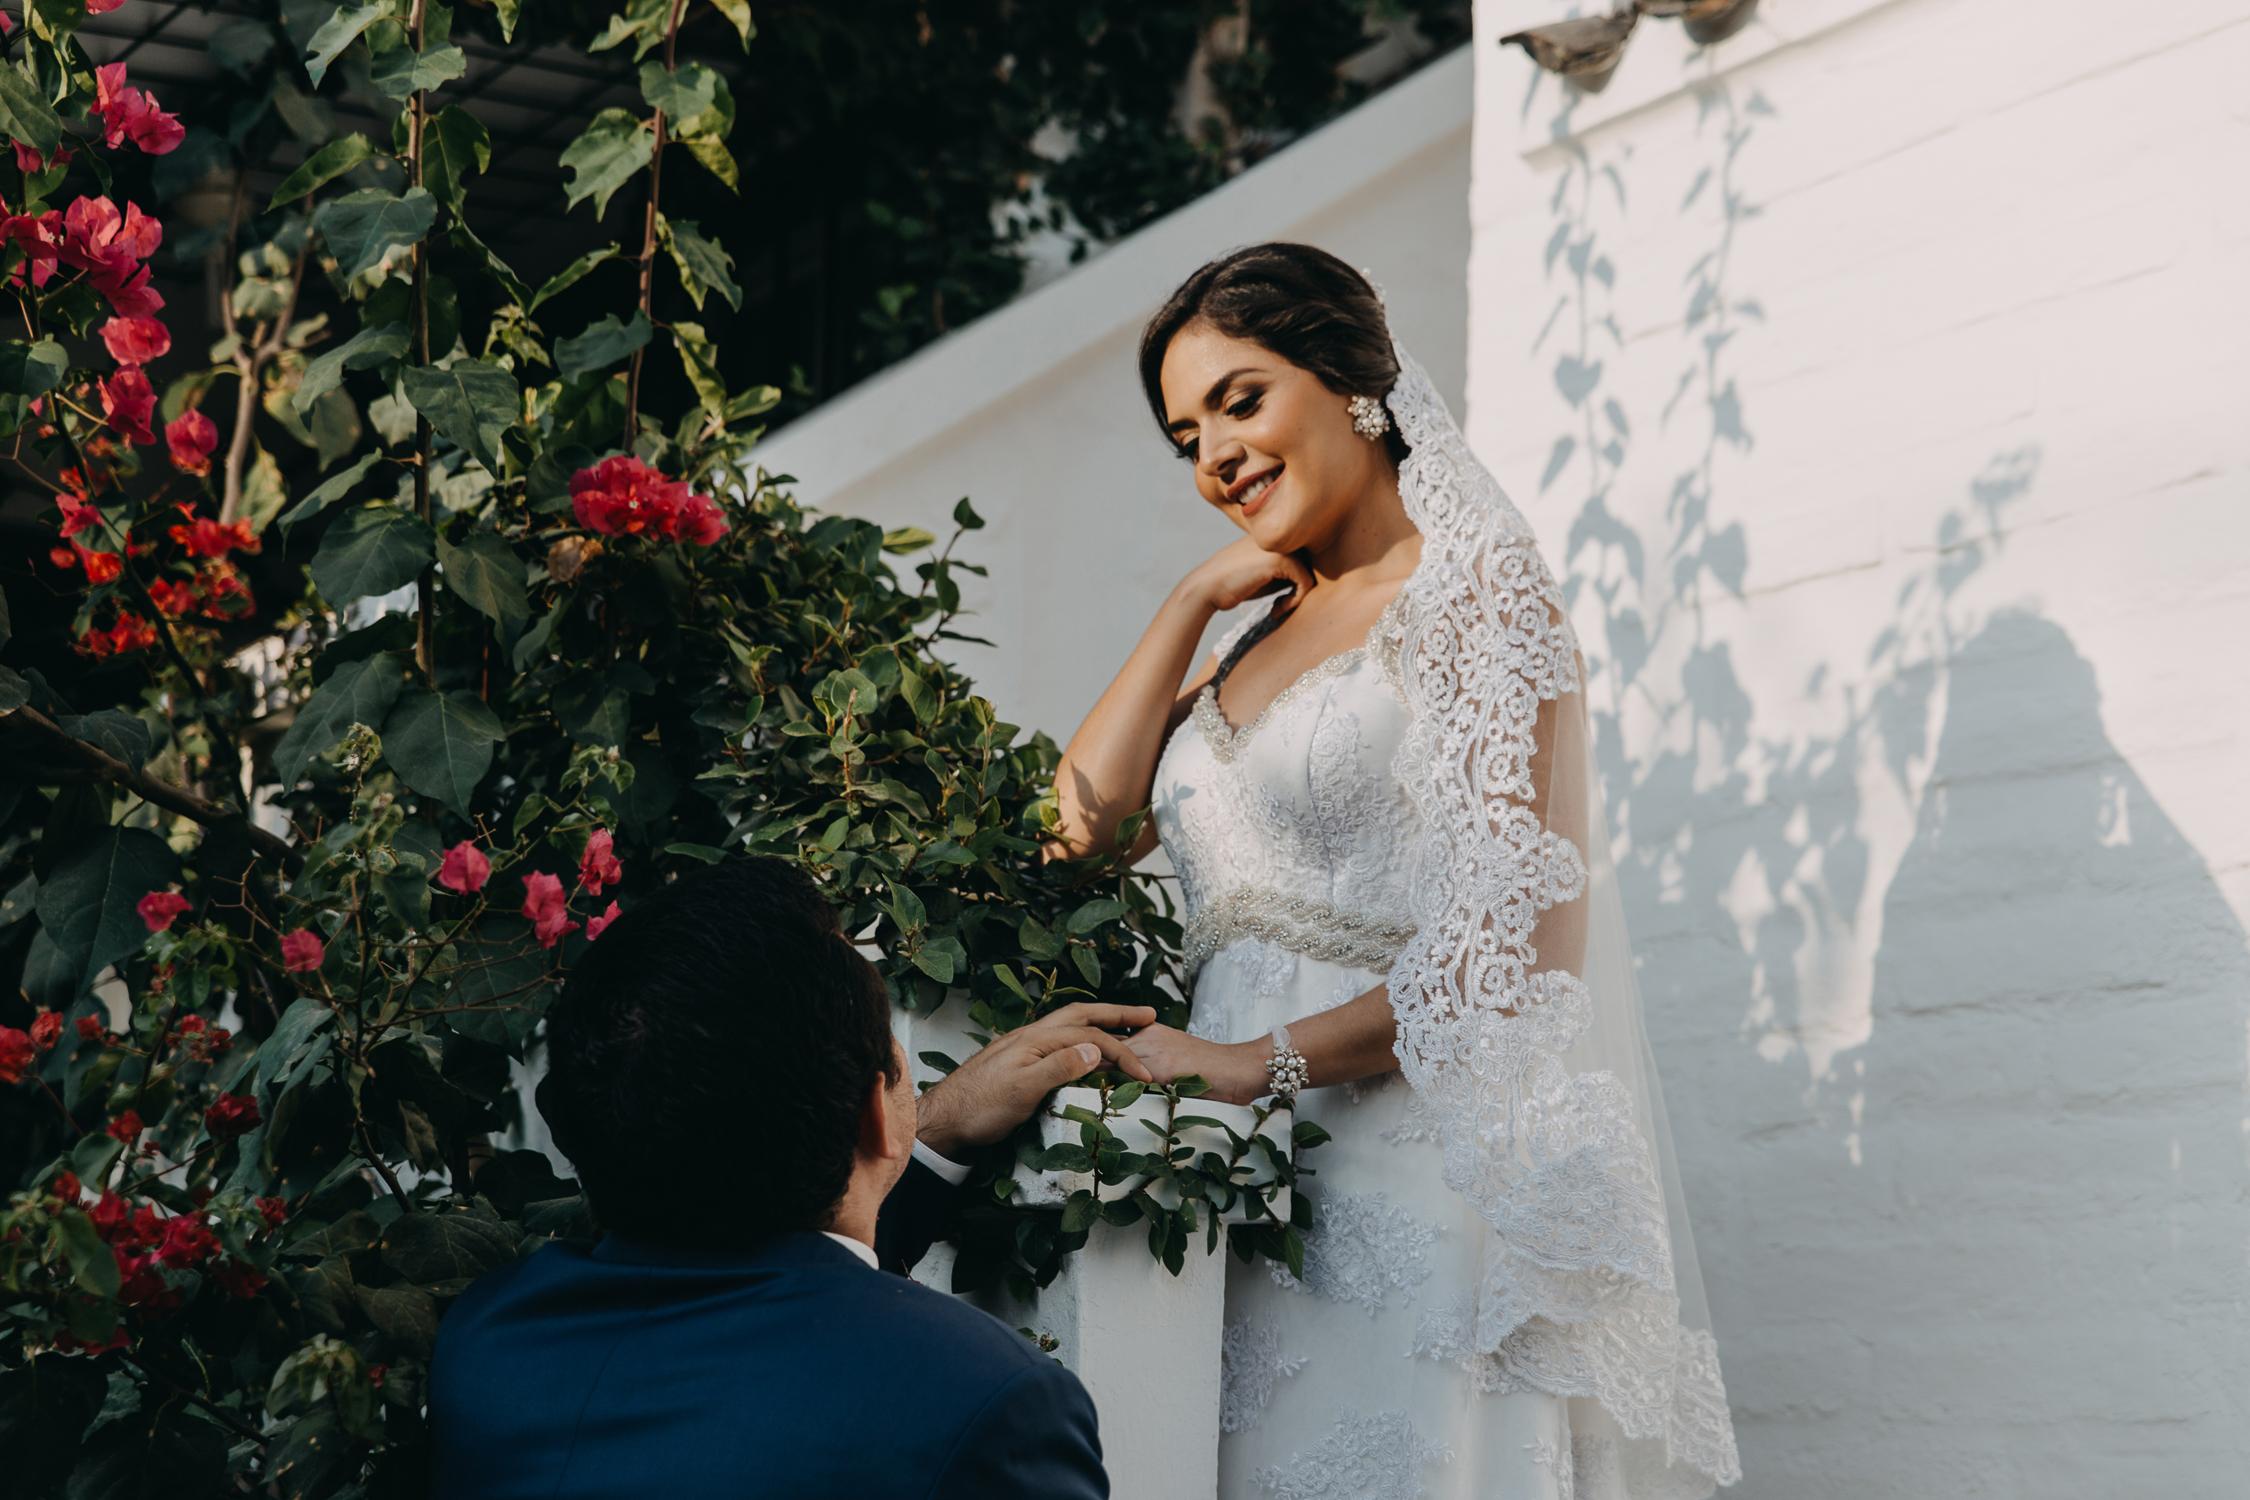 Michelle-Agurto-Fotografia-Bodas-Ecuador-Destination-Wedding-Photographer-Cristi-Luis-79.JPG